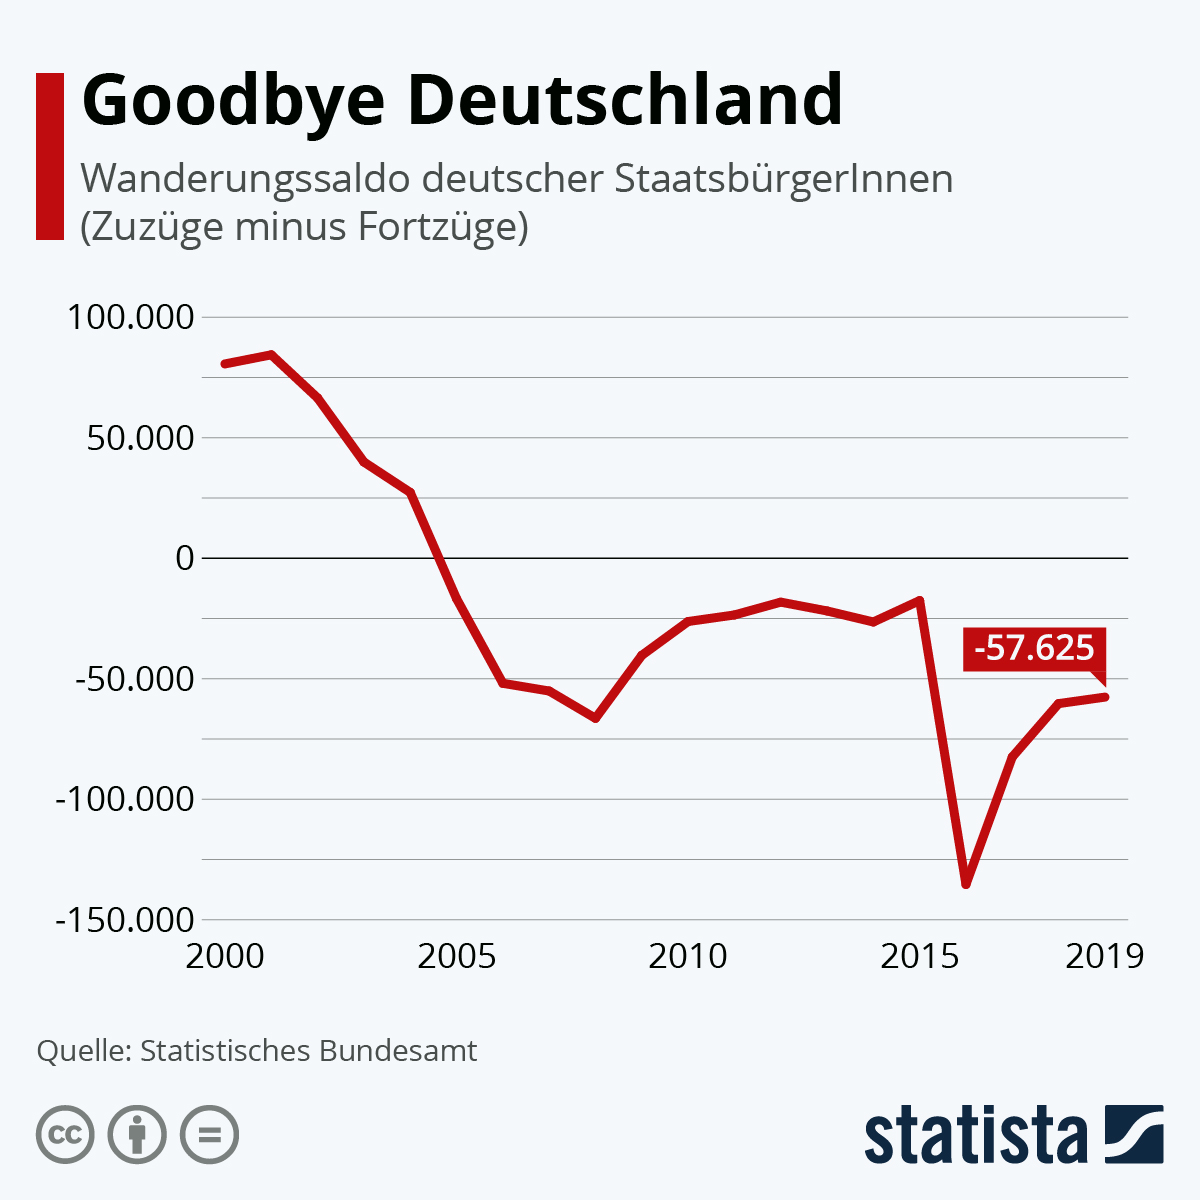 Goodbye Deutschland | Statista